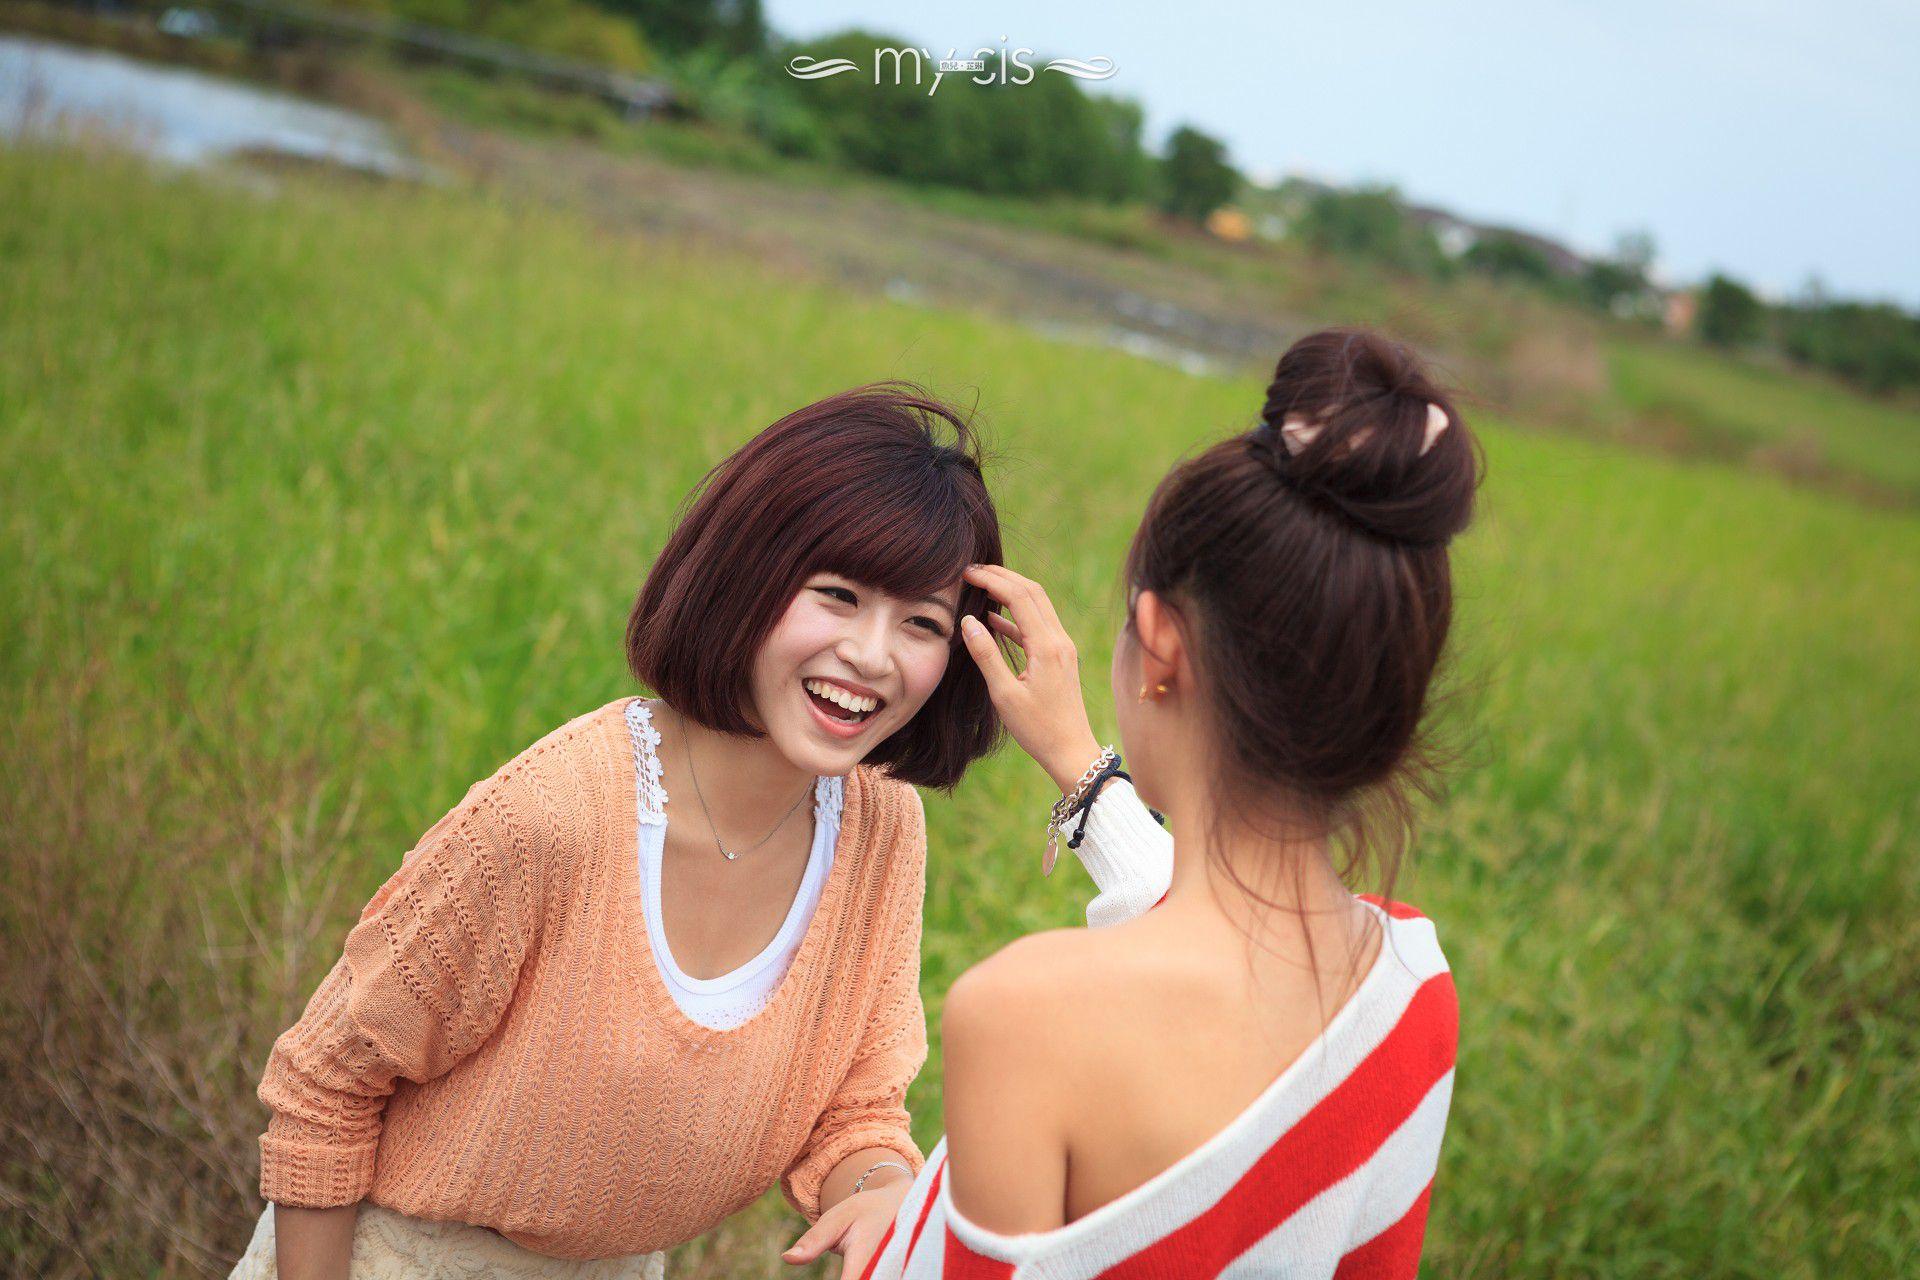 VOL.1204 [网络美女]可爱外拍妹子姐妹花:徐玮吟高品质写真套图(60P)